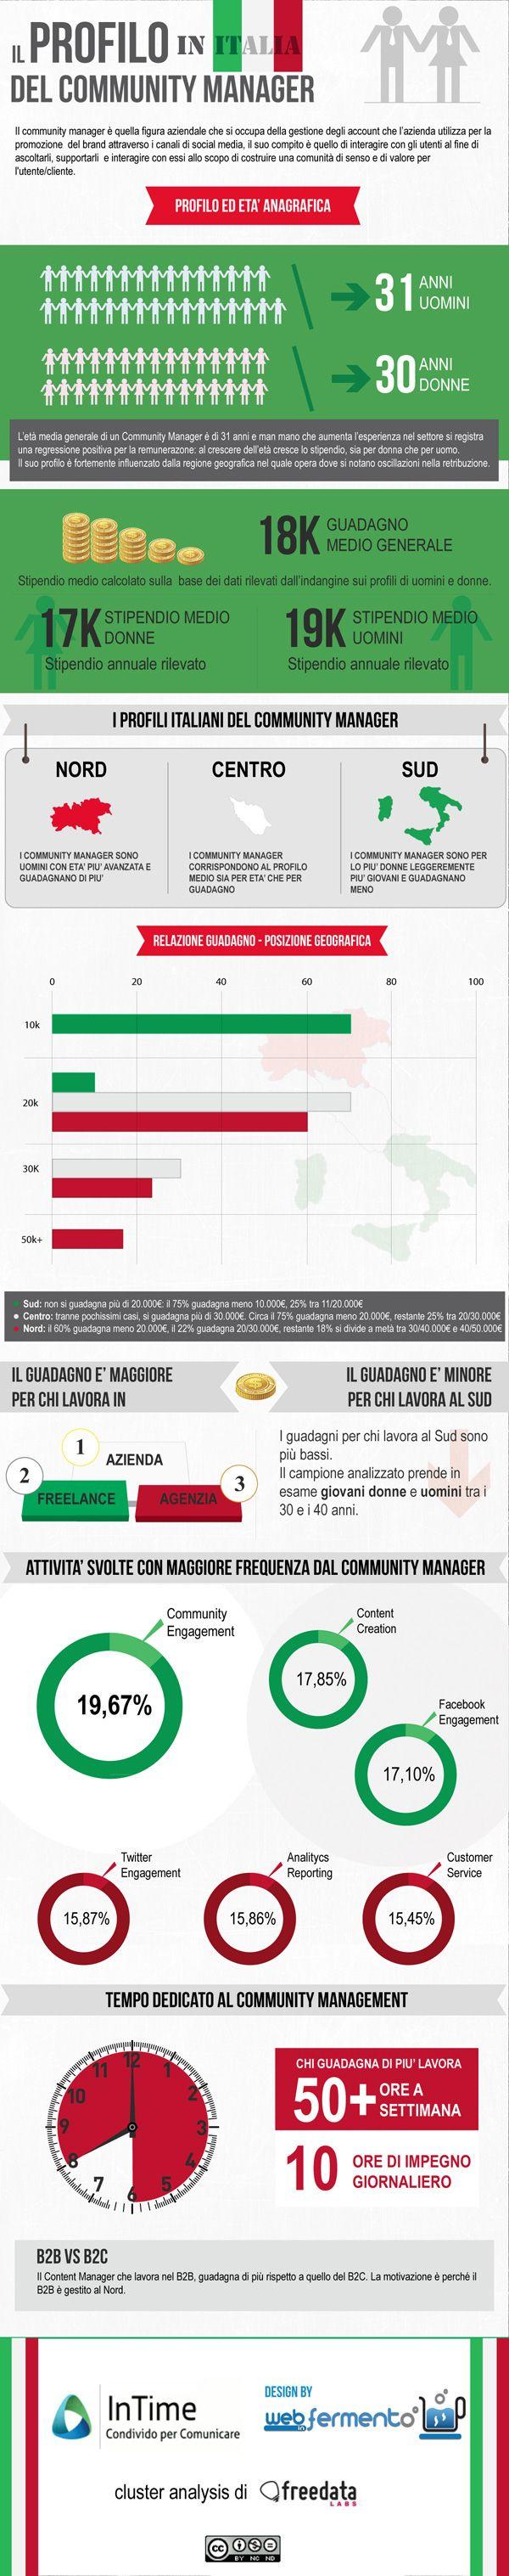 Il Community Manager in Italia, ecco i dati del sondaggio [Infografica] #smm